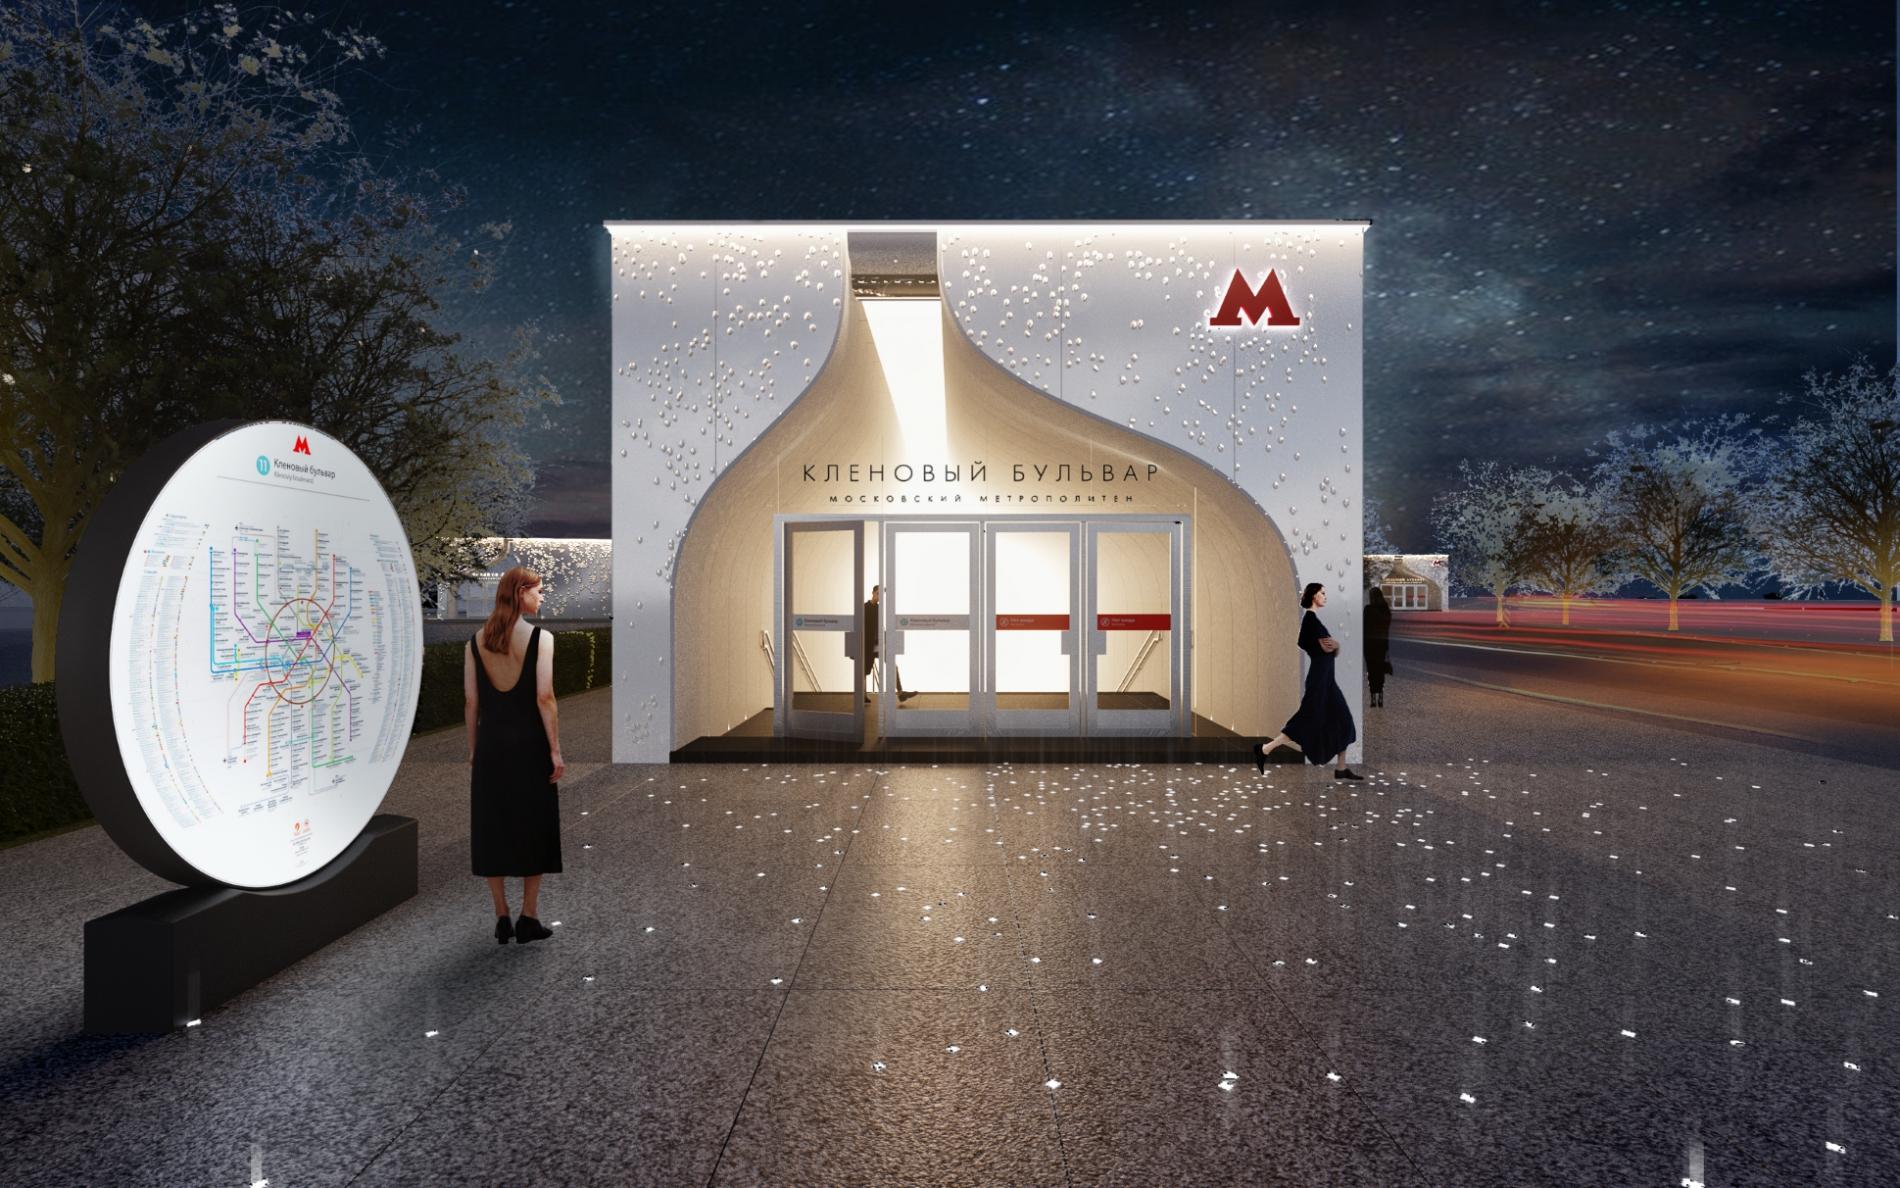 Подведены итоги конкурса на дизайн-решение станций «Проспект Маршала Жукова» и «Кленовый бульвар 2»